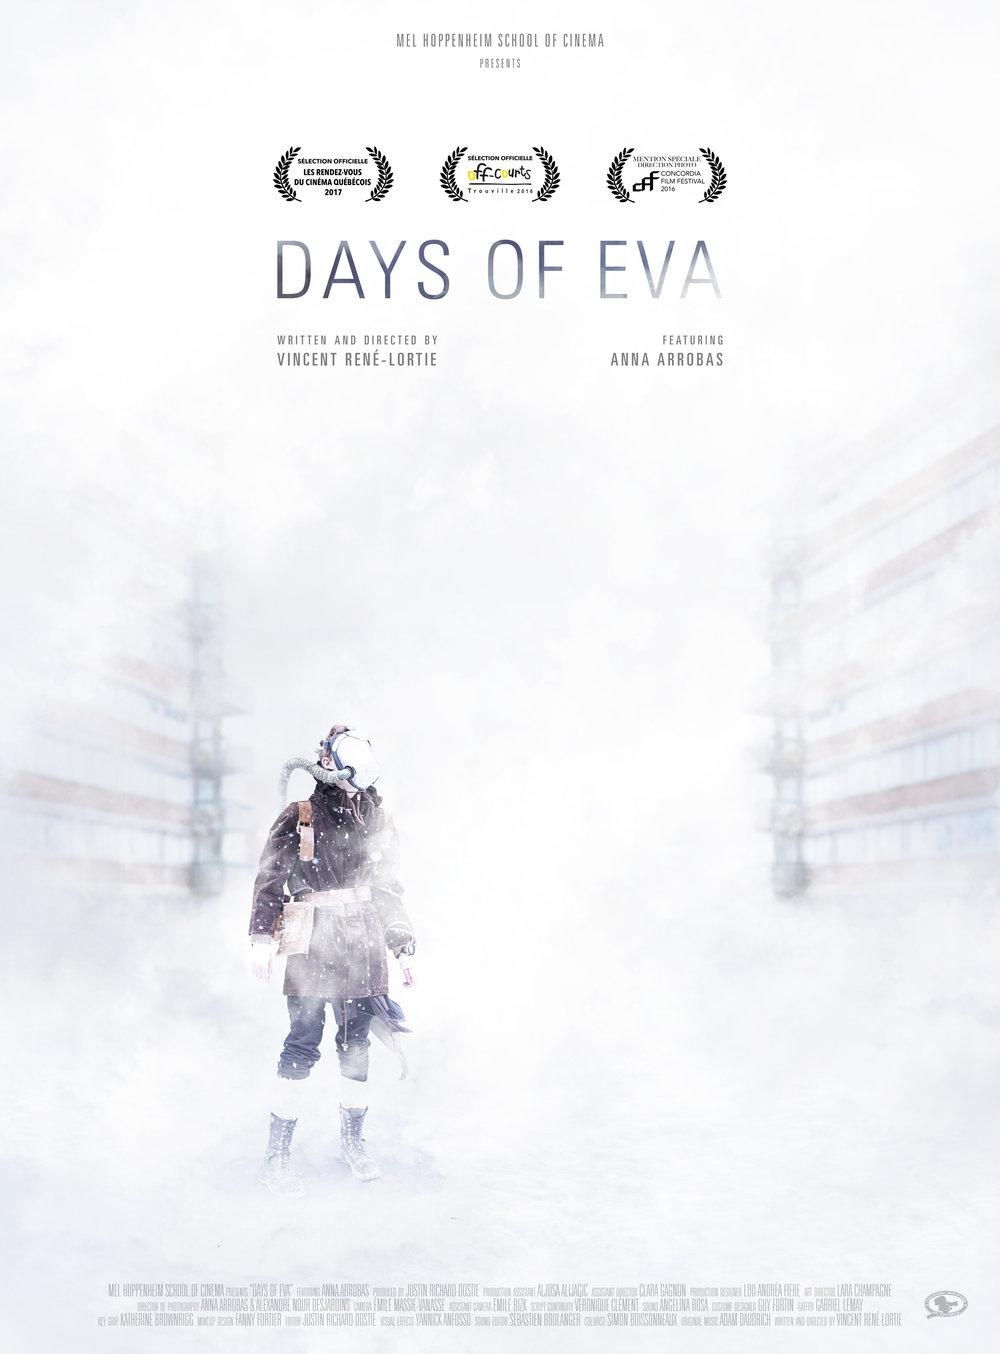 Days of Eva (2016) - Science-fictionSynopsisDepuis maintenant 11 ans, Éva habite seule dans un univers post-apocalyptique, sombre et hivernal. Elle a grandi au centre d'un immense immeuble de logement délabré, voisin d'un autre édifice semblable. Dans ce monde, l'air n'est plus respirable. Éva survit à l'aide de ses dernières réserves d'oxygène, mais le temps lui est aujourd'hui compté. Il ne lui reste qu'une seule journée et tout espoir d'un monde meilleur a disparu à ses yeux.Réalisateur : Vincent René-LortieProducteur : Justin Richard-DostieDirection de la photographie : Alexandre Nour & Anna ArrobasFESTIVALSOFF-COURTS TROUVILLE 2016LES RENDEZ-VOUS DU CINÉMA 2017CSC AWARDS - NOMINATION MEILLEURE DIRECTION PHOTO / ÉTUDIANTCCE - MEILLEUR MONTAGE / ÉTUDIANT